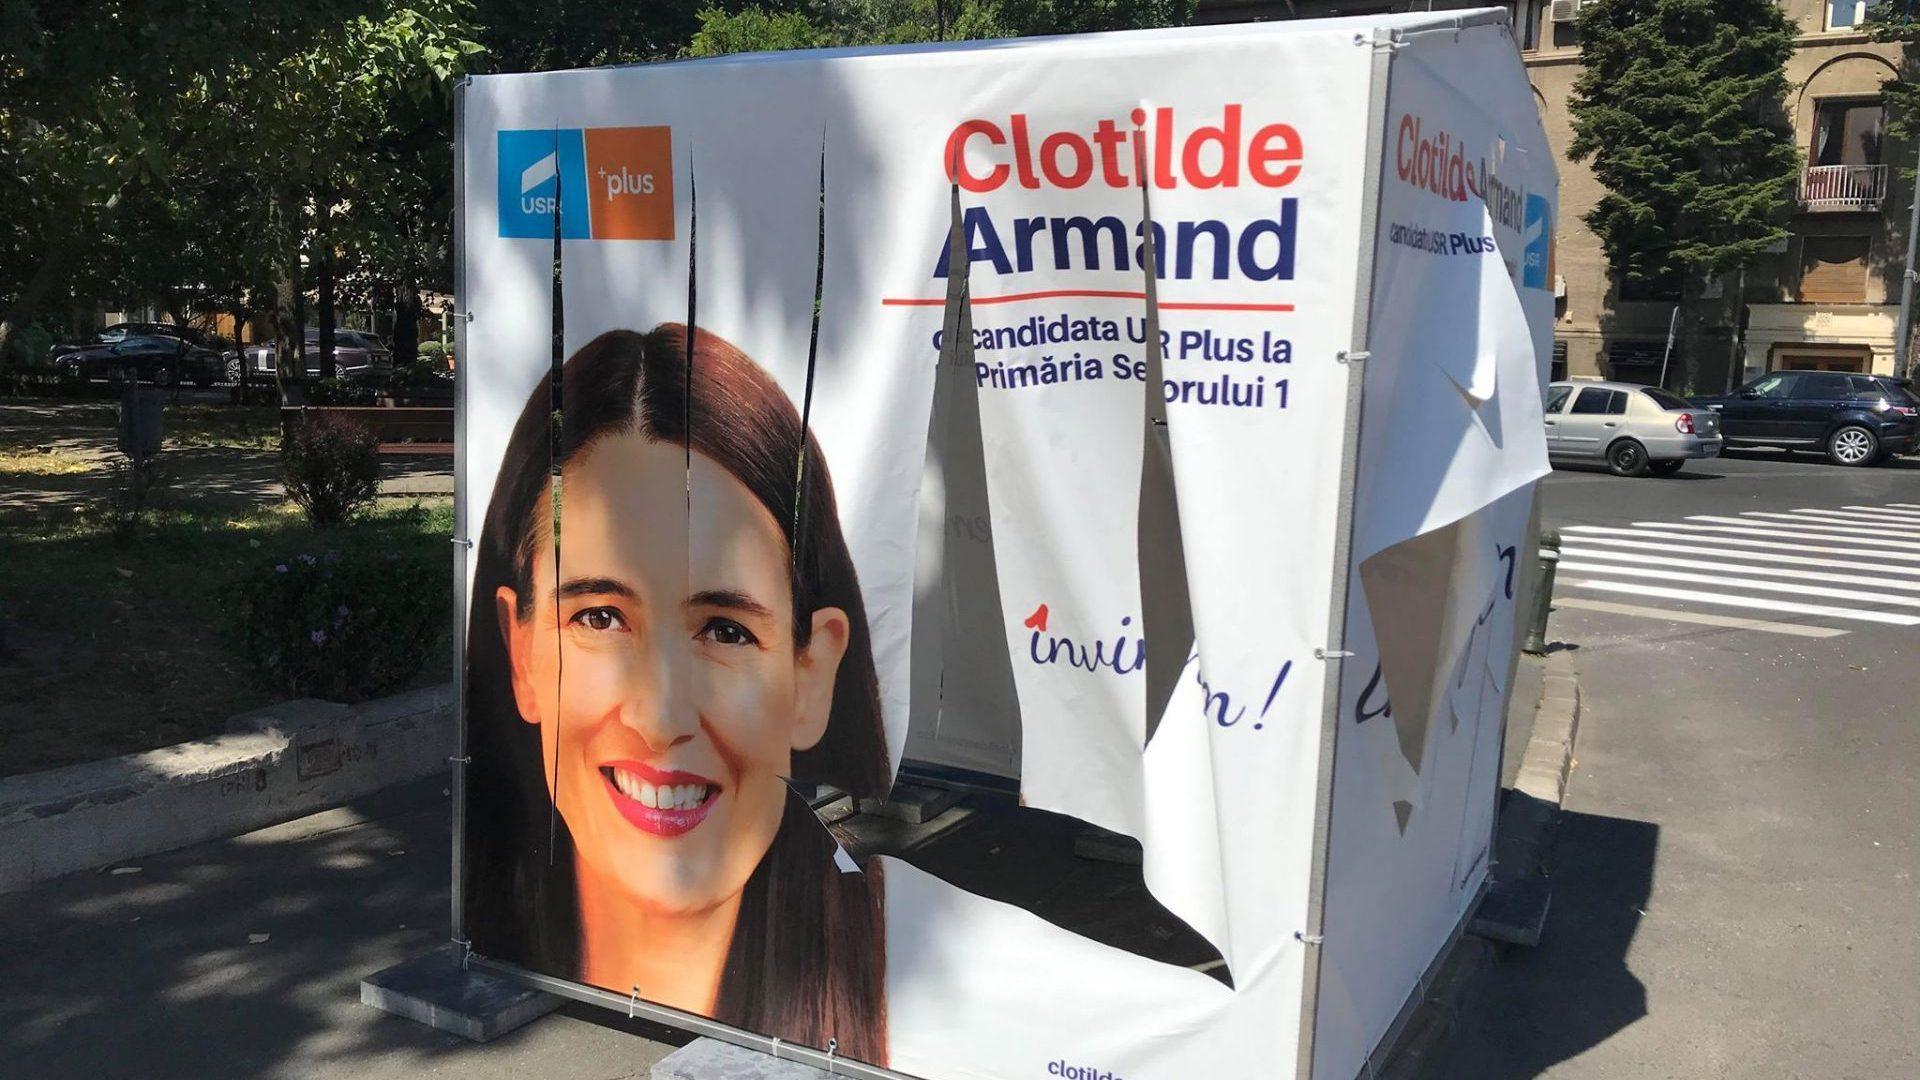 Merită votată Clotilde Armand în Sectorul 1?